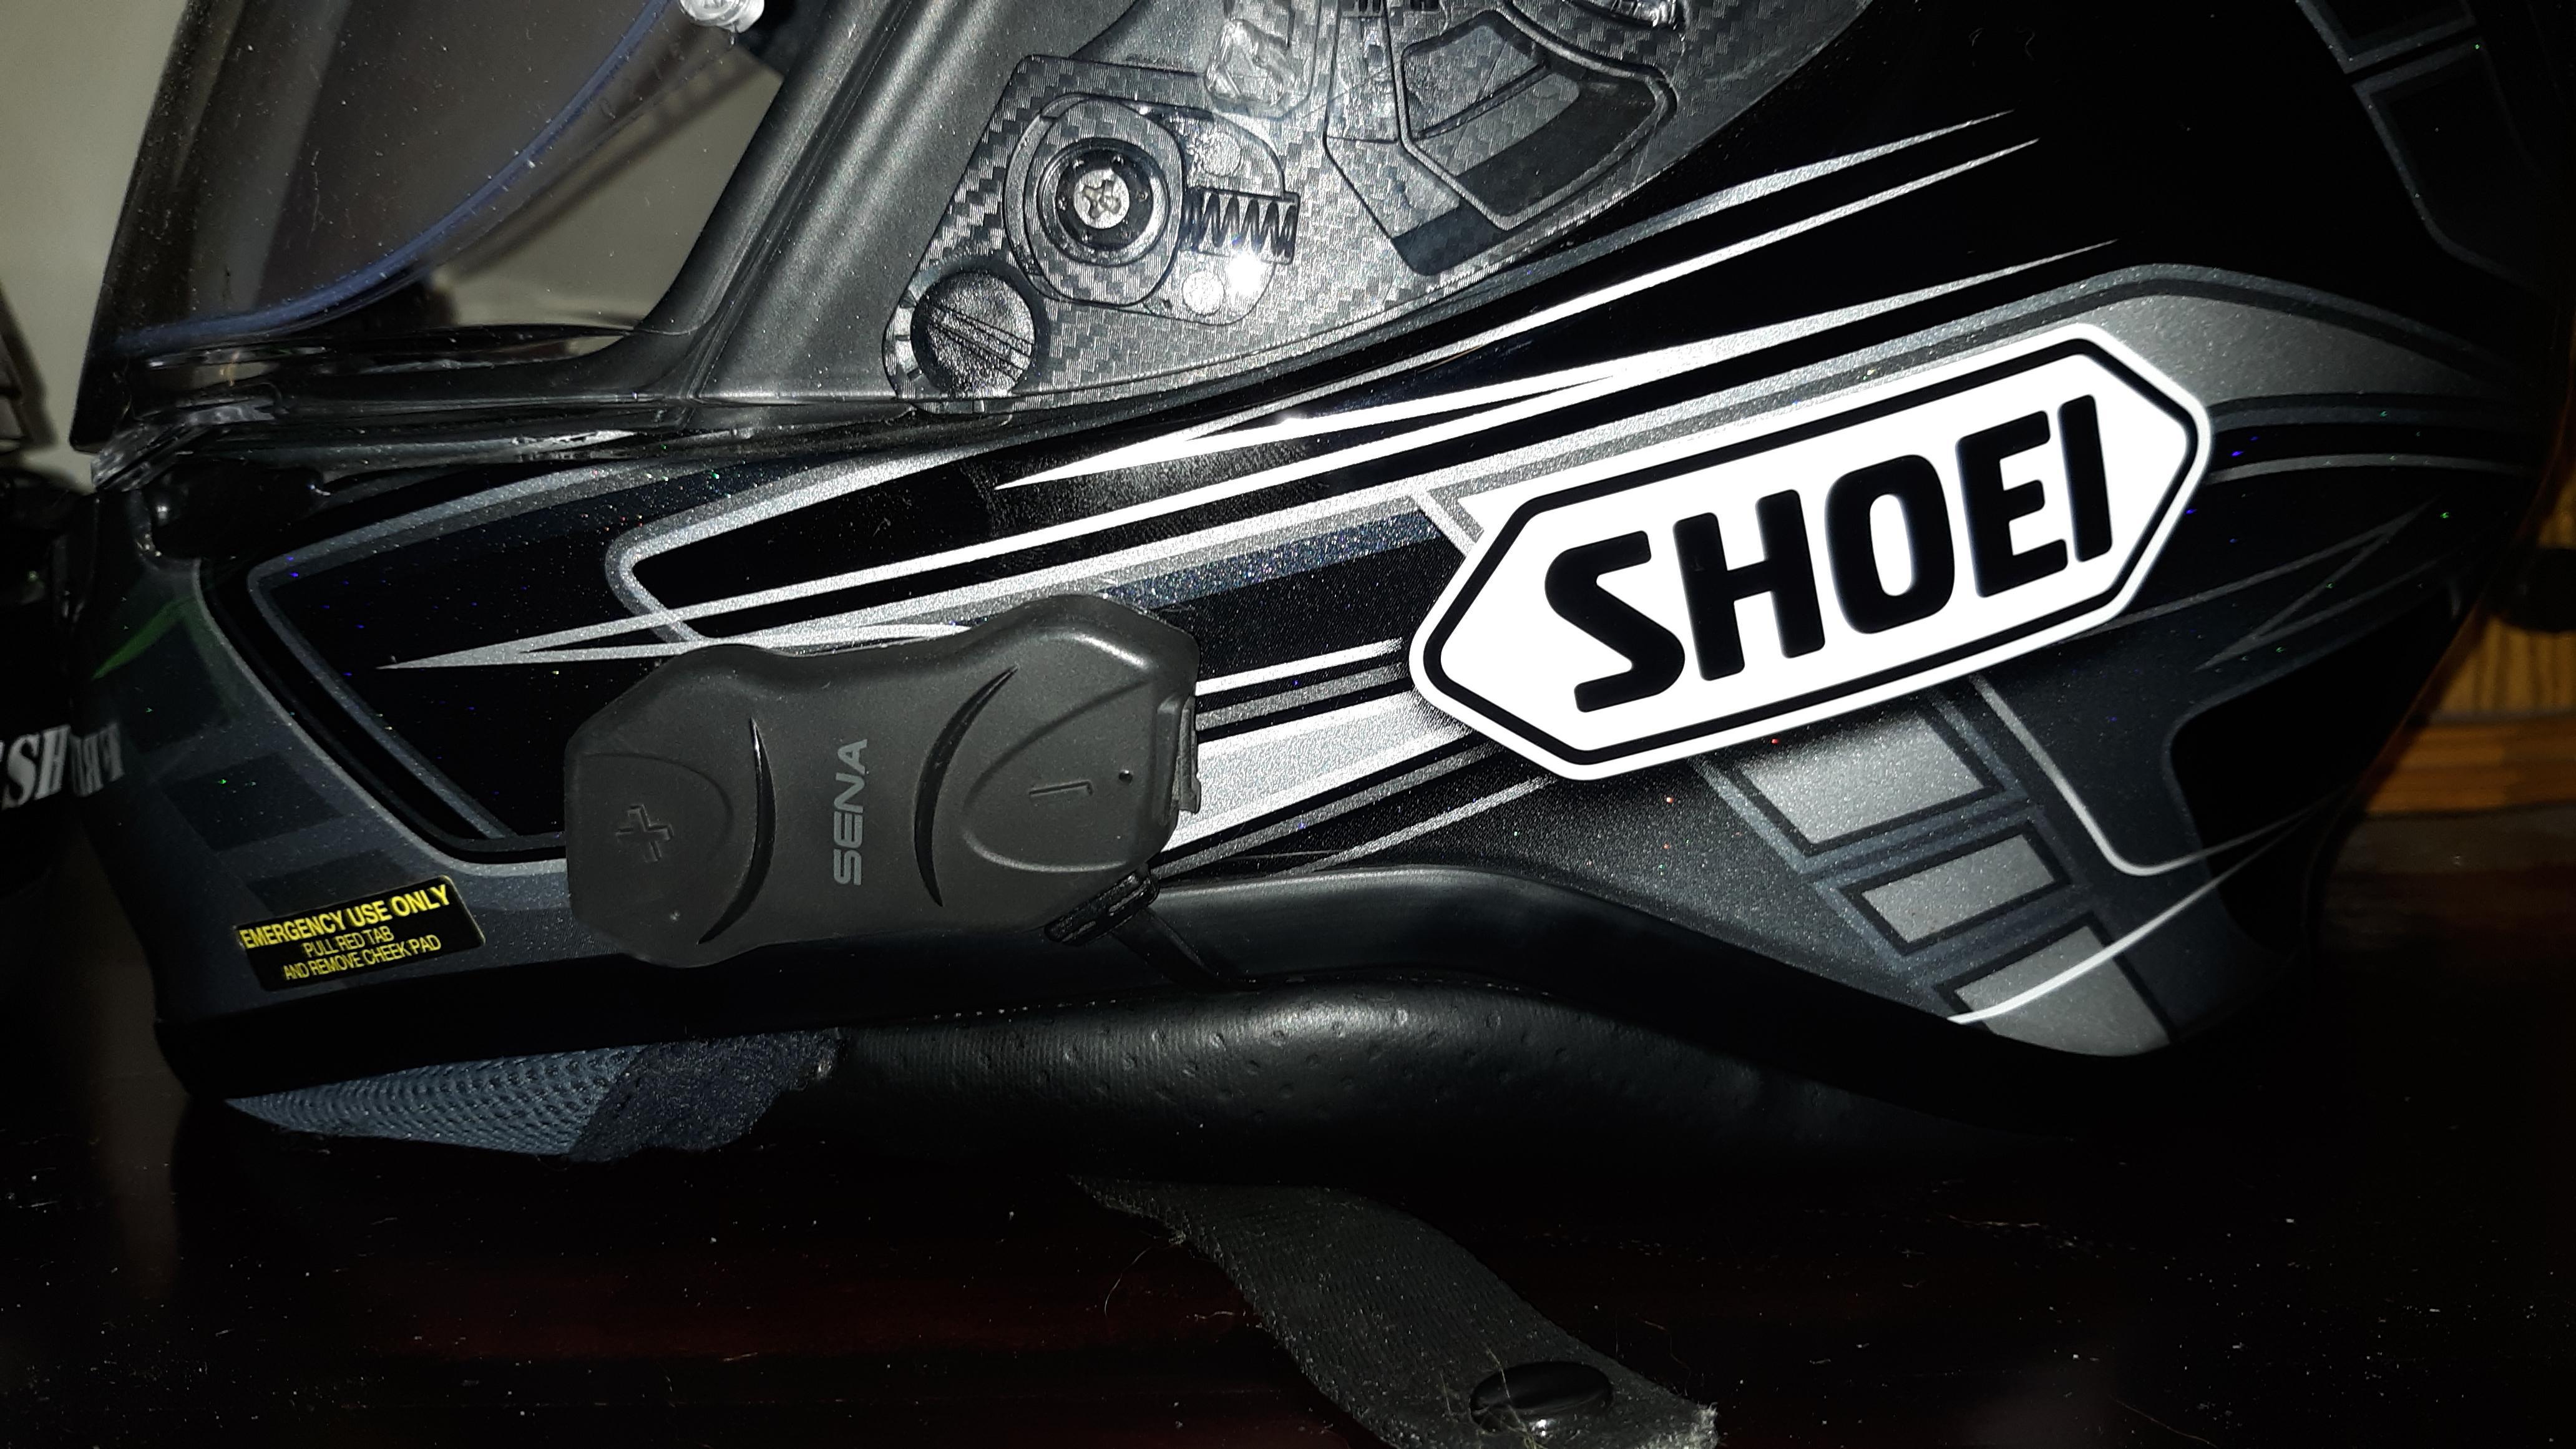 Shoei RF1200 v. Arai Corsair X: Head to head comparison-20190623_184926_1561330231173.jpg